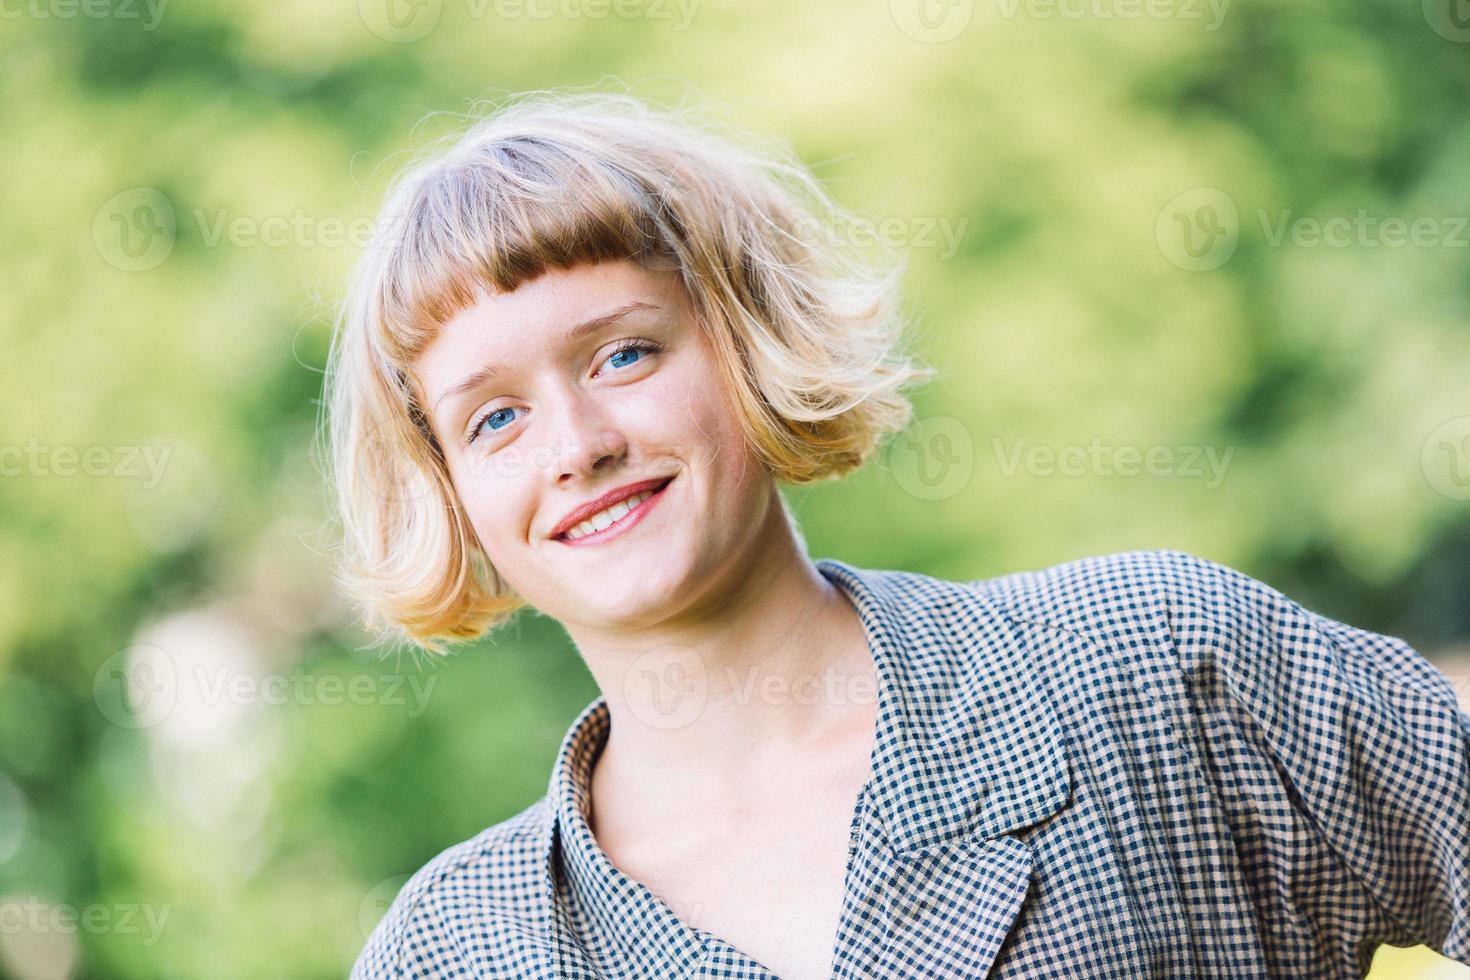 jovem alegre ao ar livre foto